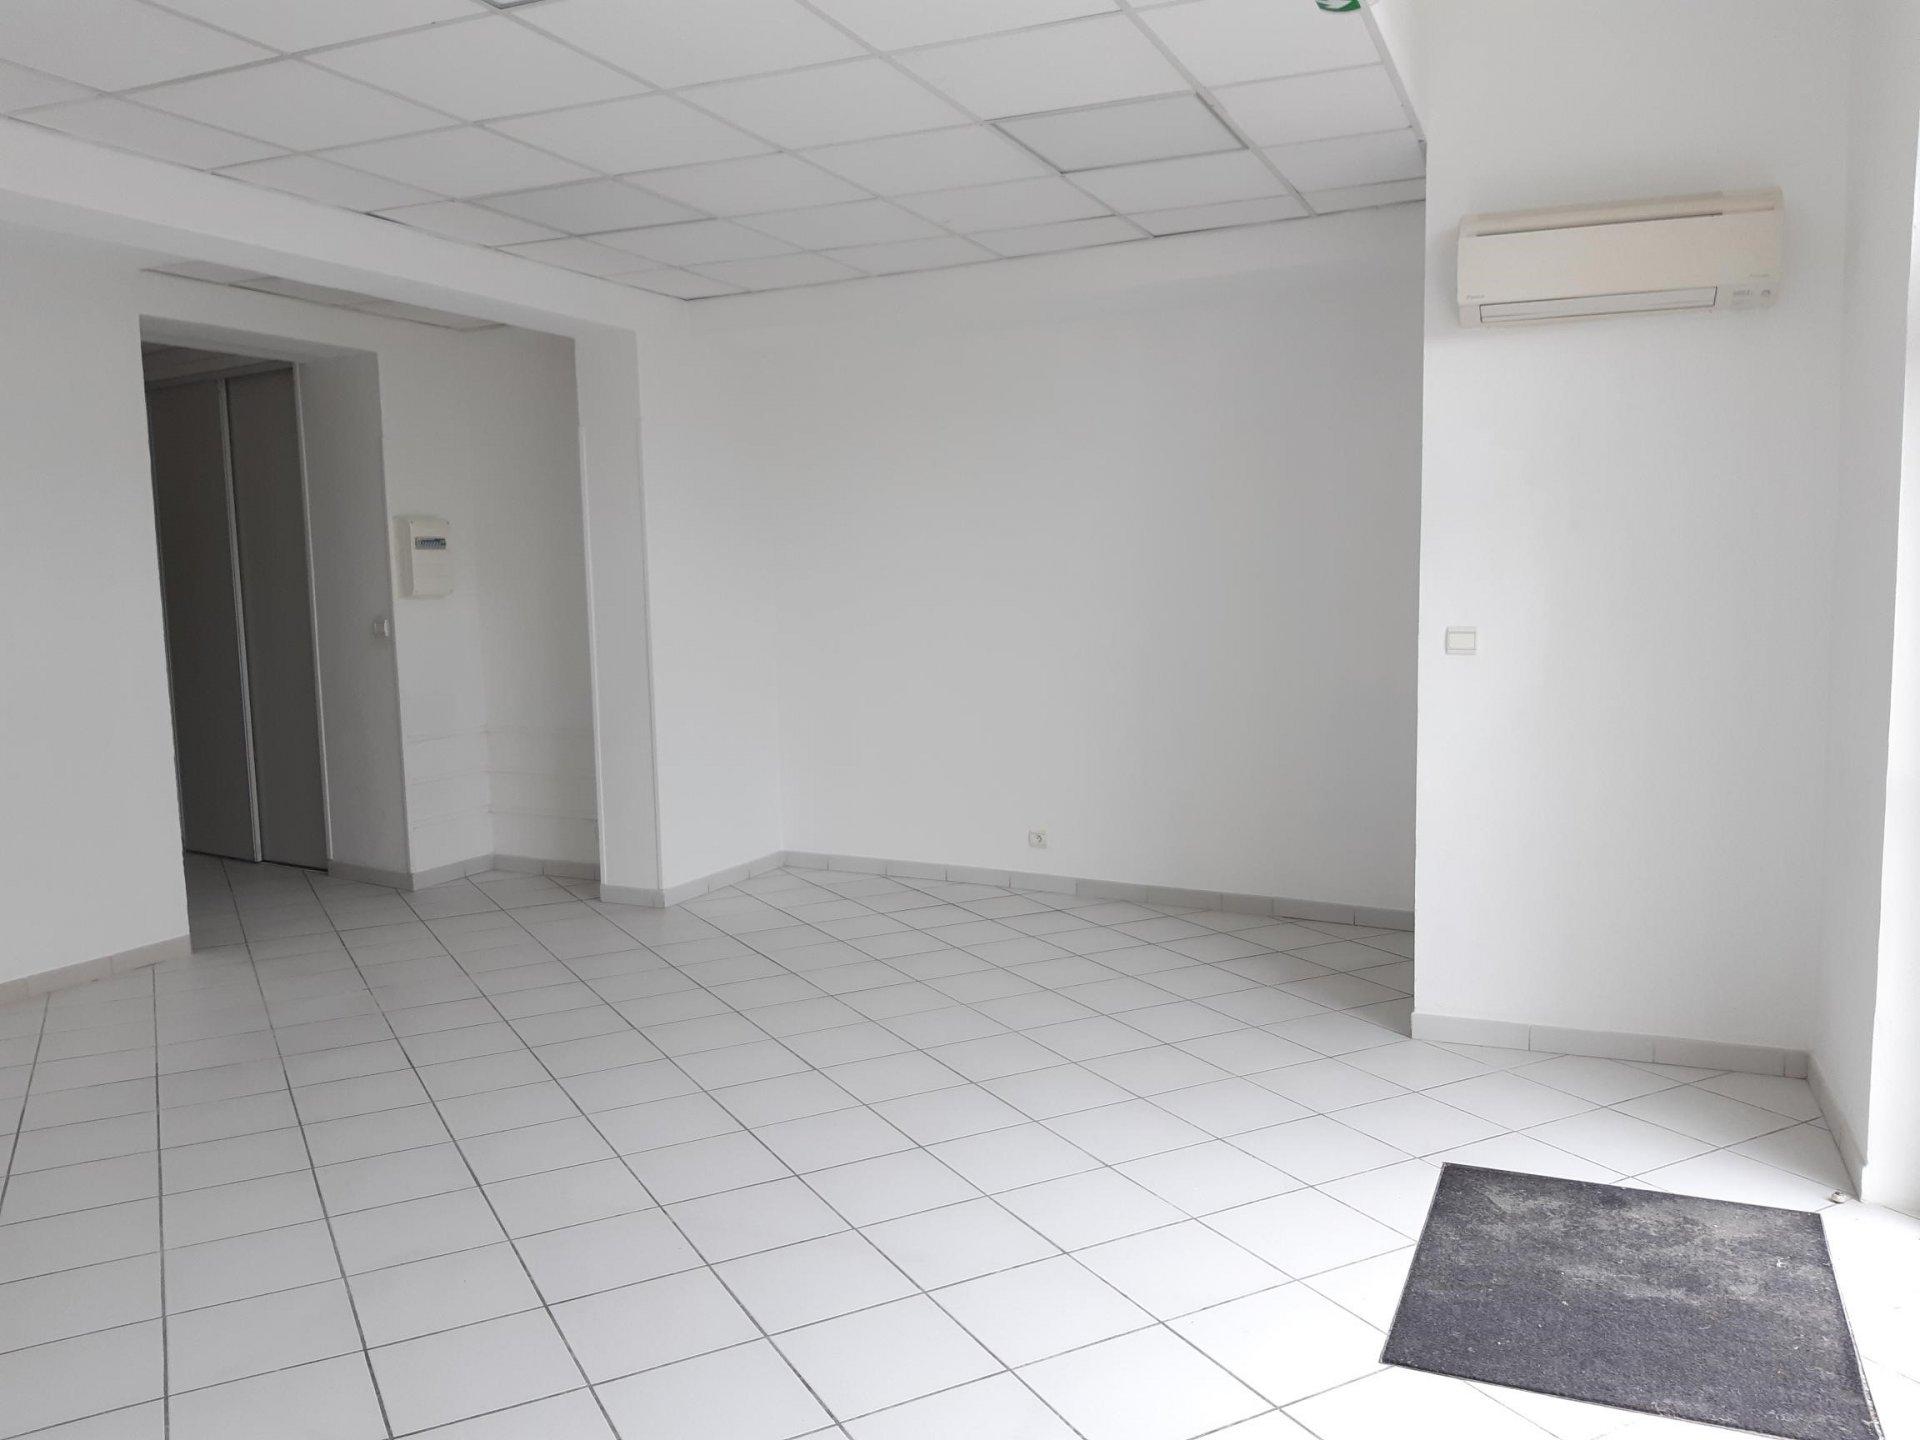 Location Fonds de commerce TARASCON surface habitable de 70 m²